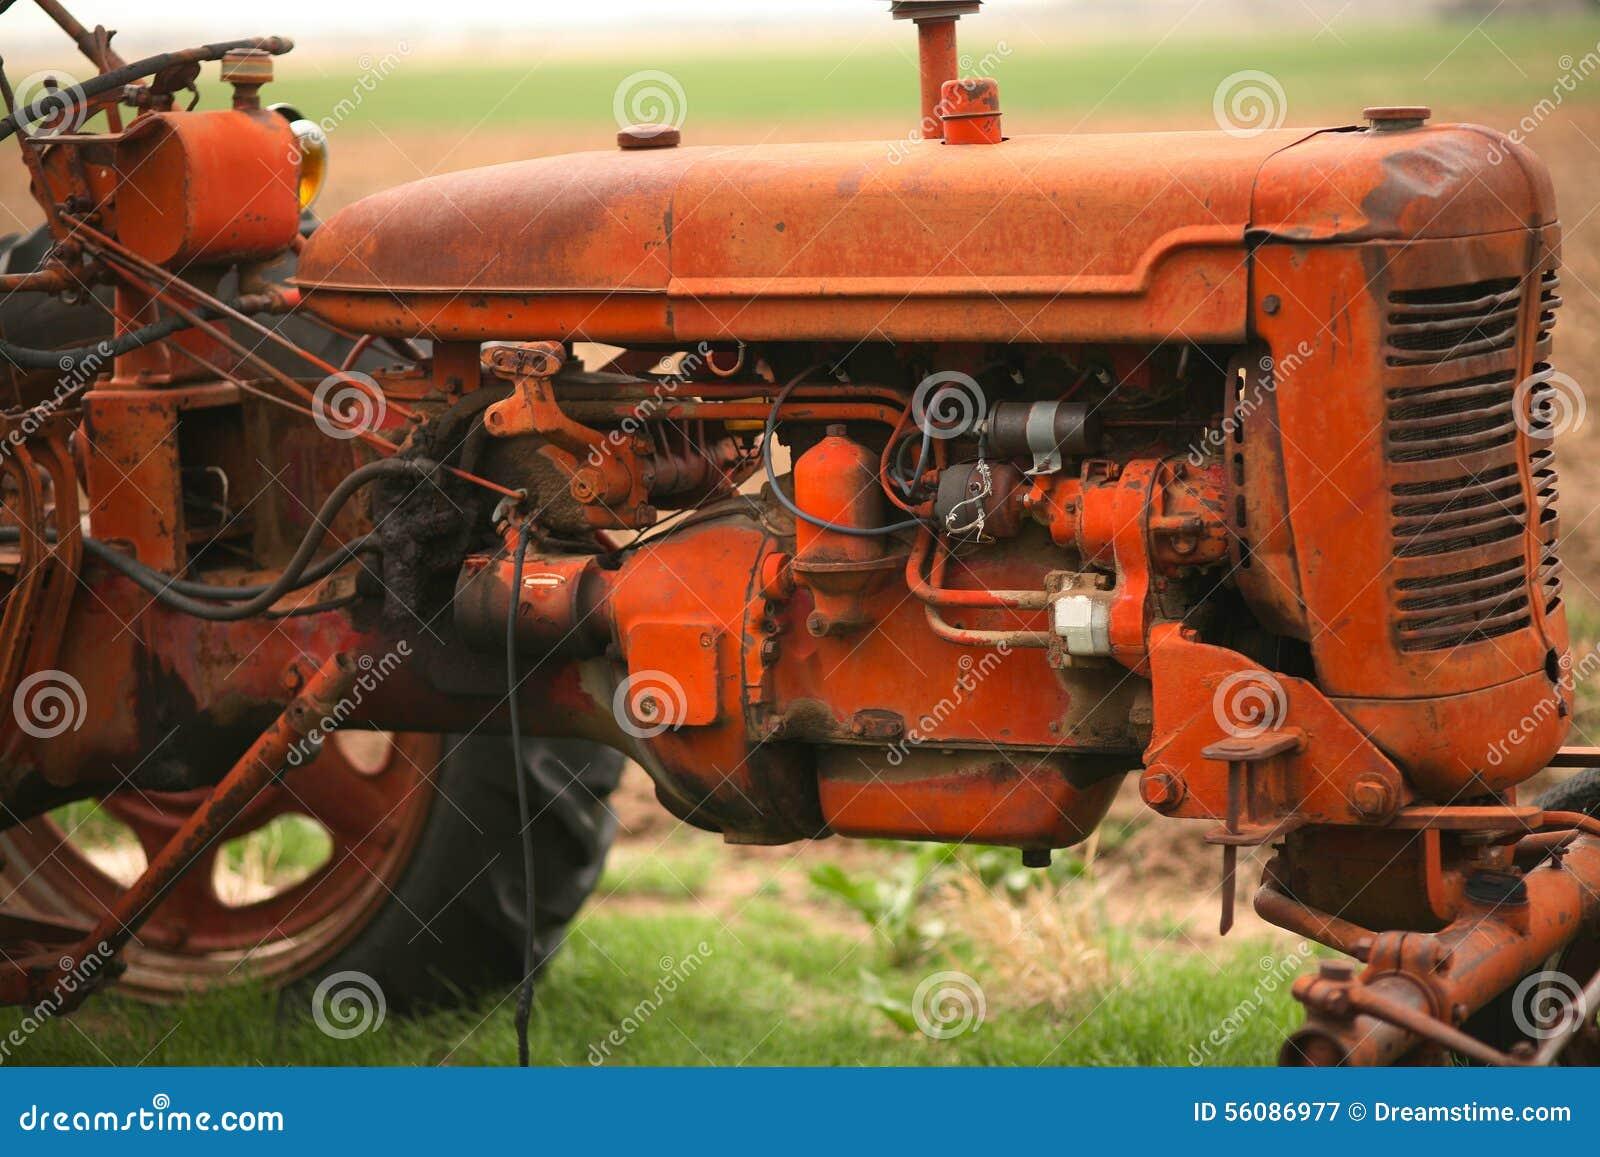 Alter Traktor auf dem Bauernhof